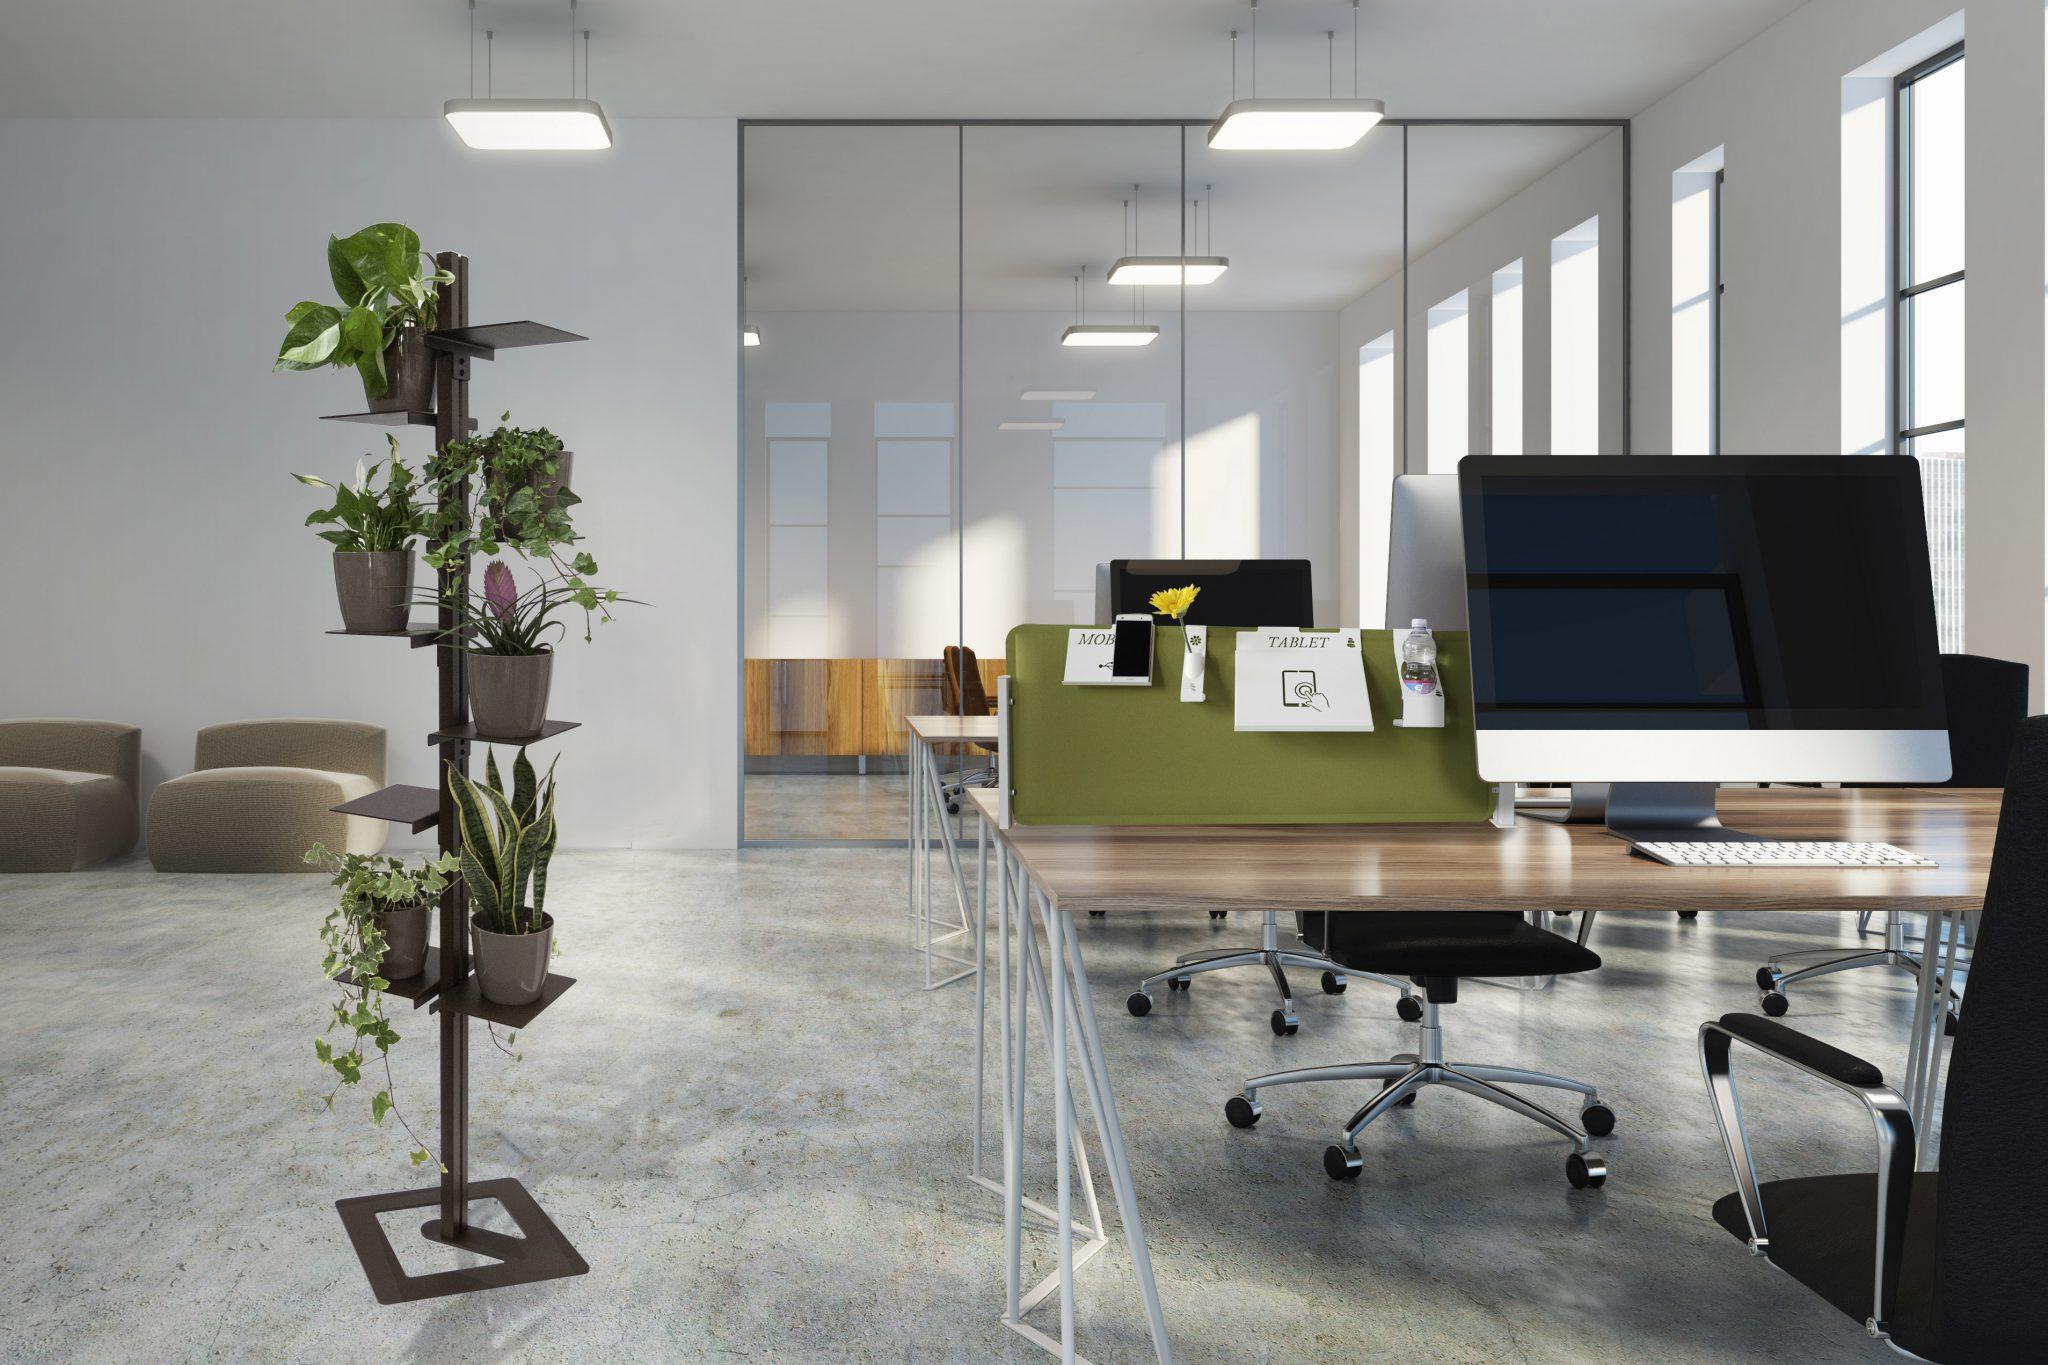 Postazione Ergonomica Per Computer 4 consigli per creare una postazione ergonomia in ufficio